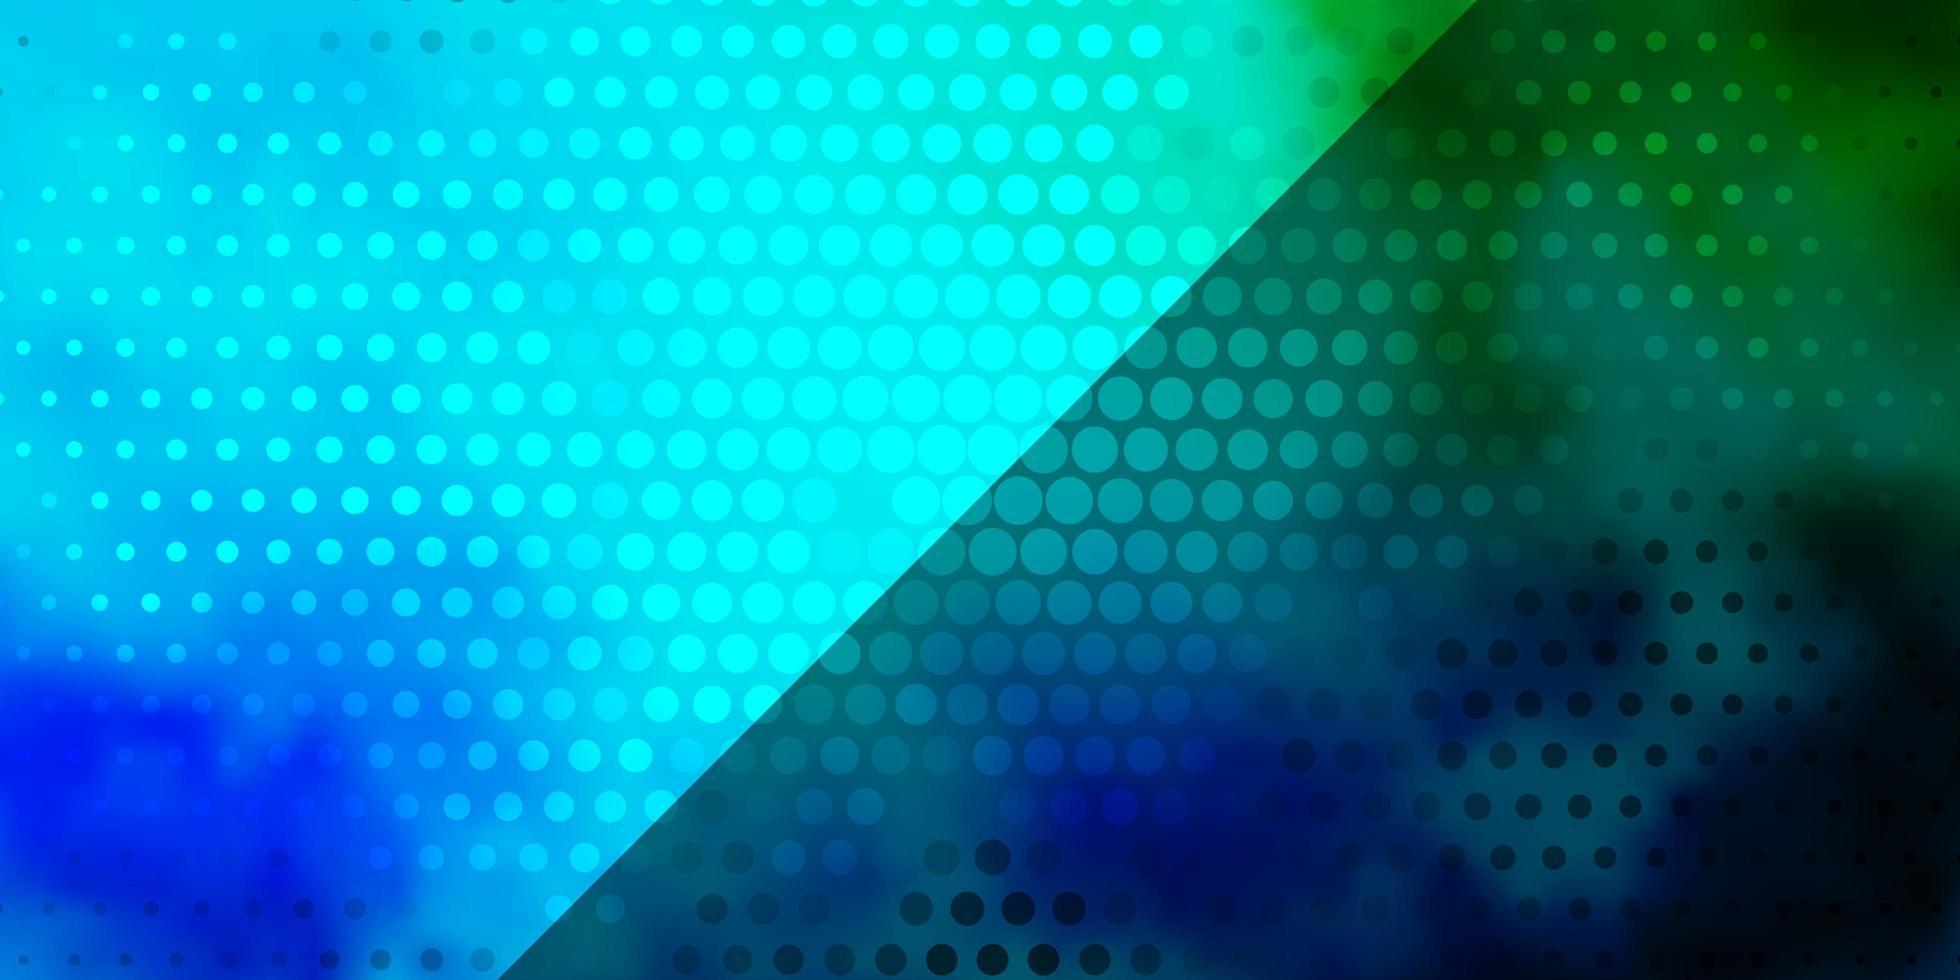 hellblauer, grüner Vektorhintergrund mit Kreisen. vektor